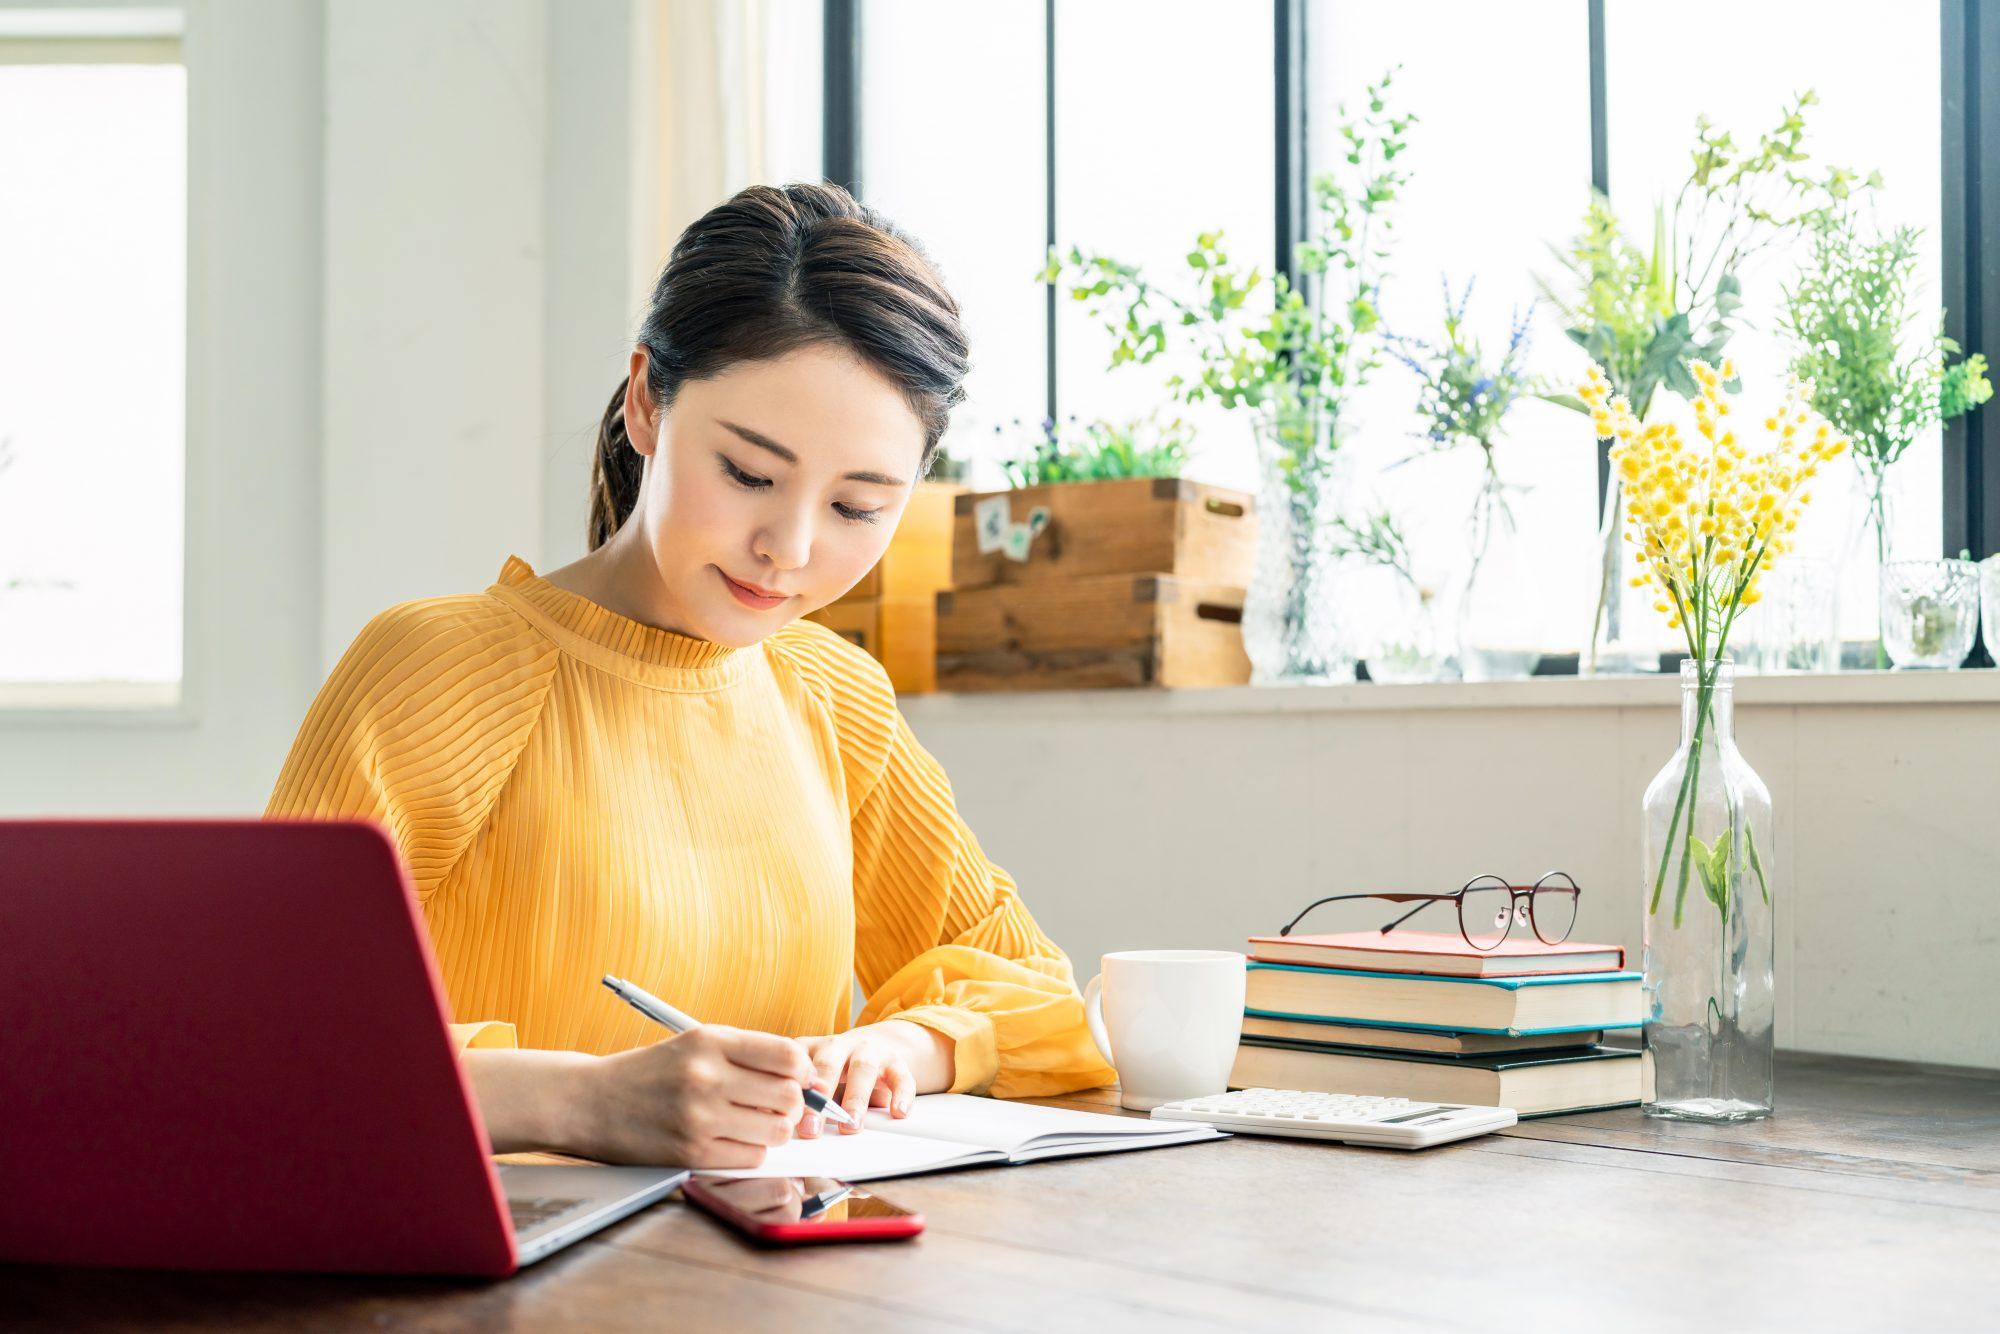 ノートパソコンと本に囲まれノートに書く作業をする女性の画像